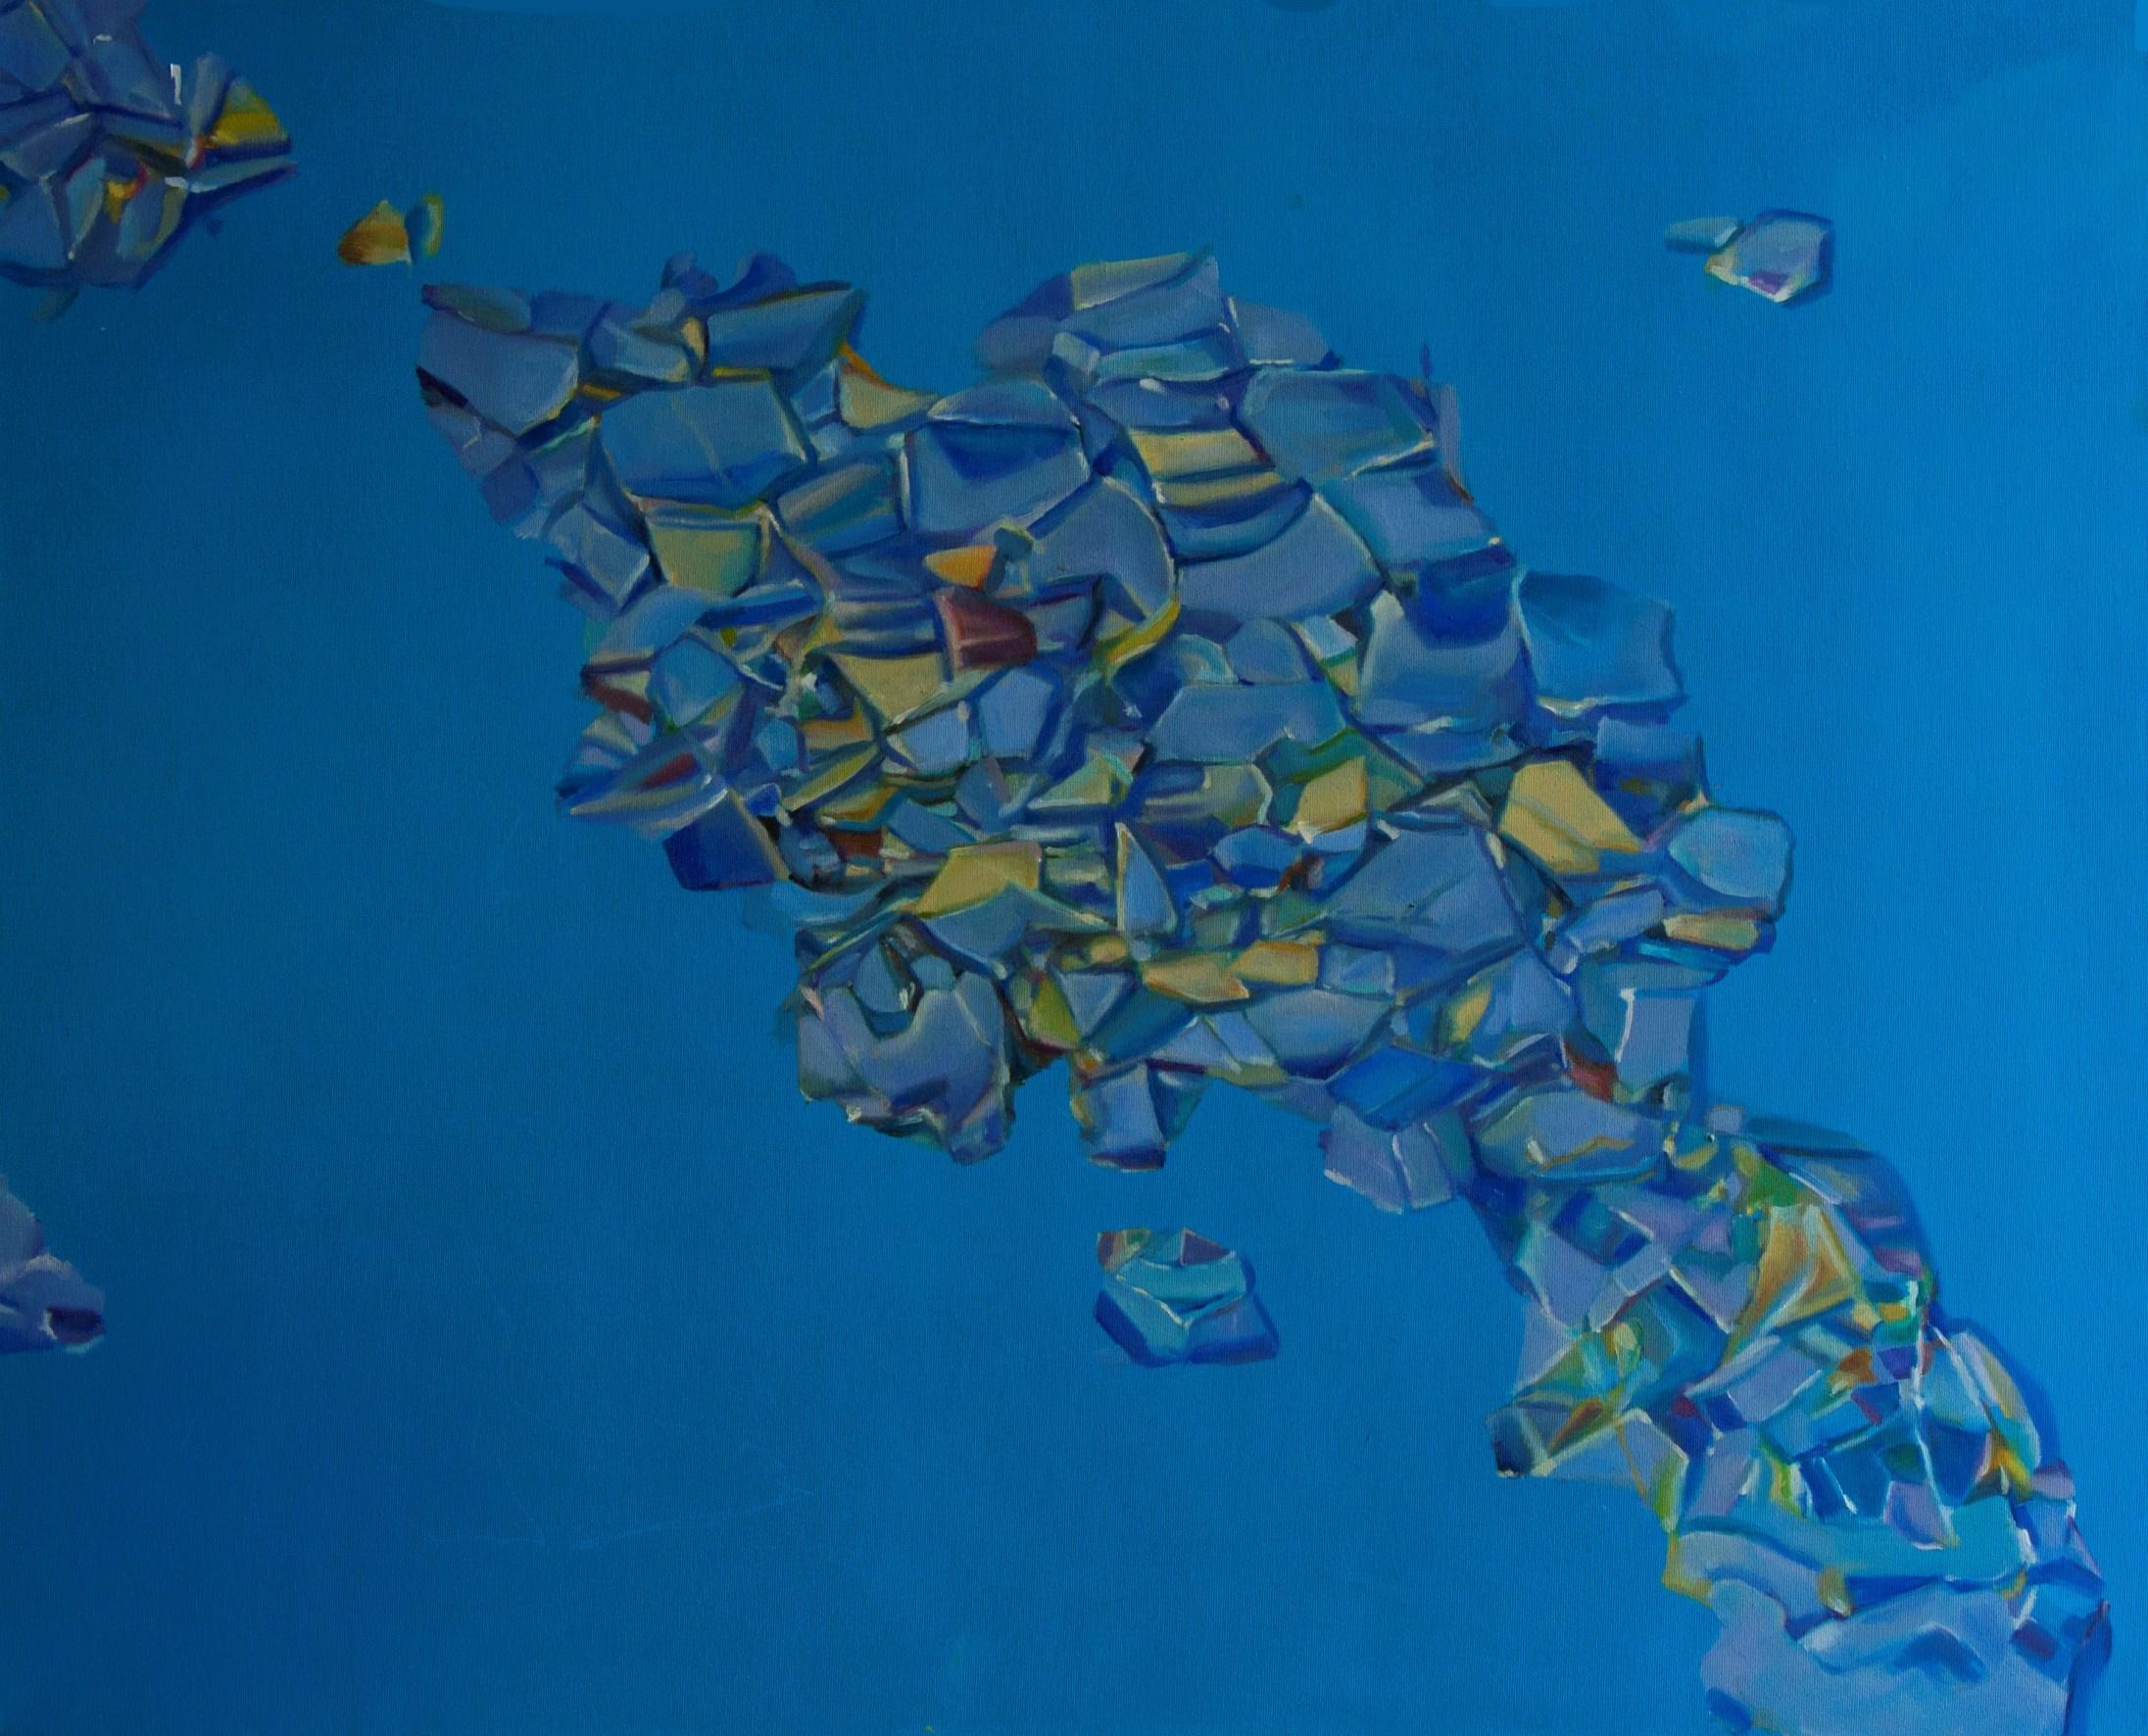 """Anna Róża Kołacka, """"Odpad'ł"""", listopad 2016, akryl i olej na płótnie, 70 x 90 cm (źródło: materiały prasowe organizatora)"""